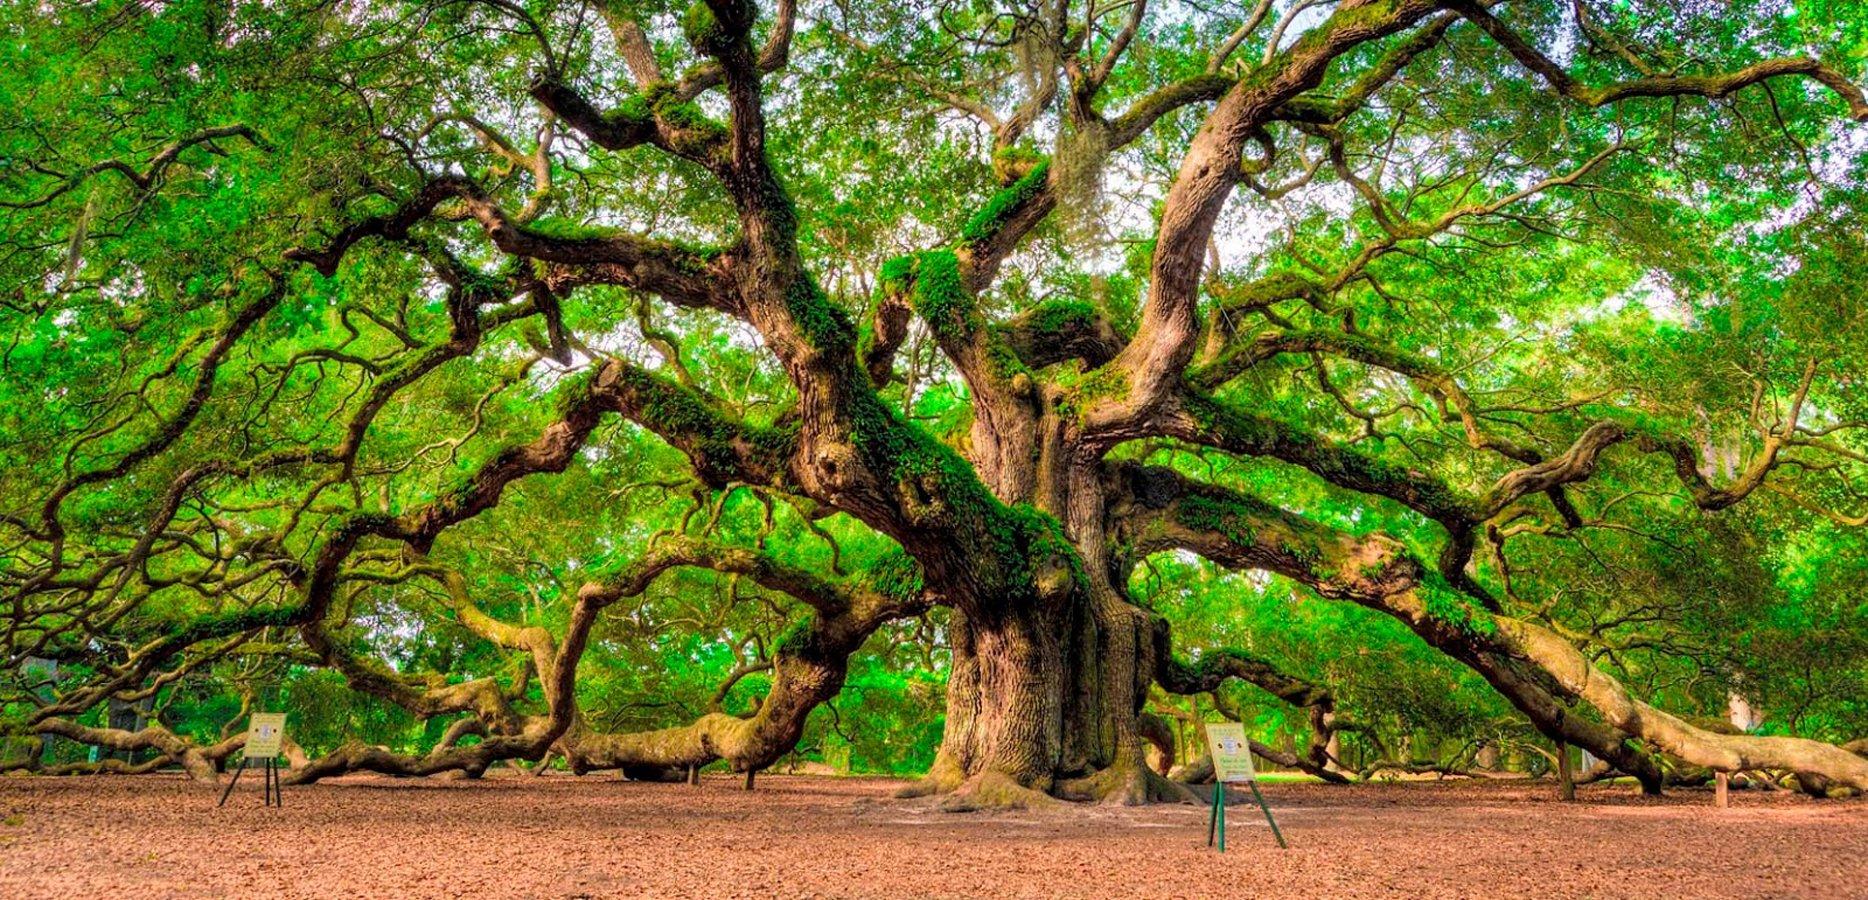 Oak magnificent beauty of nature wallpaper